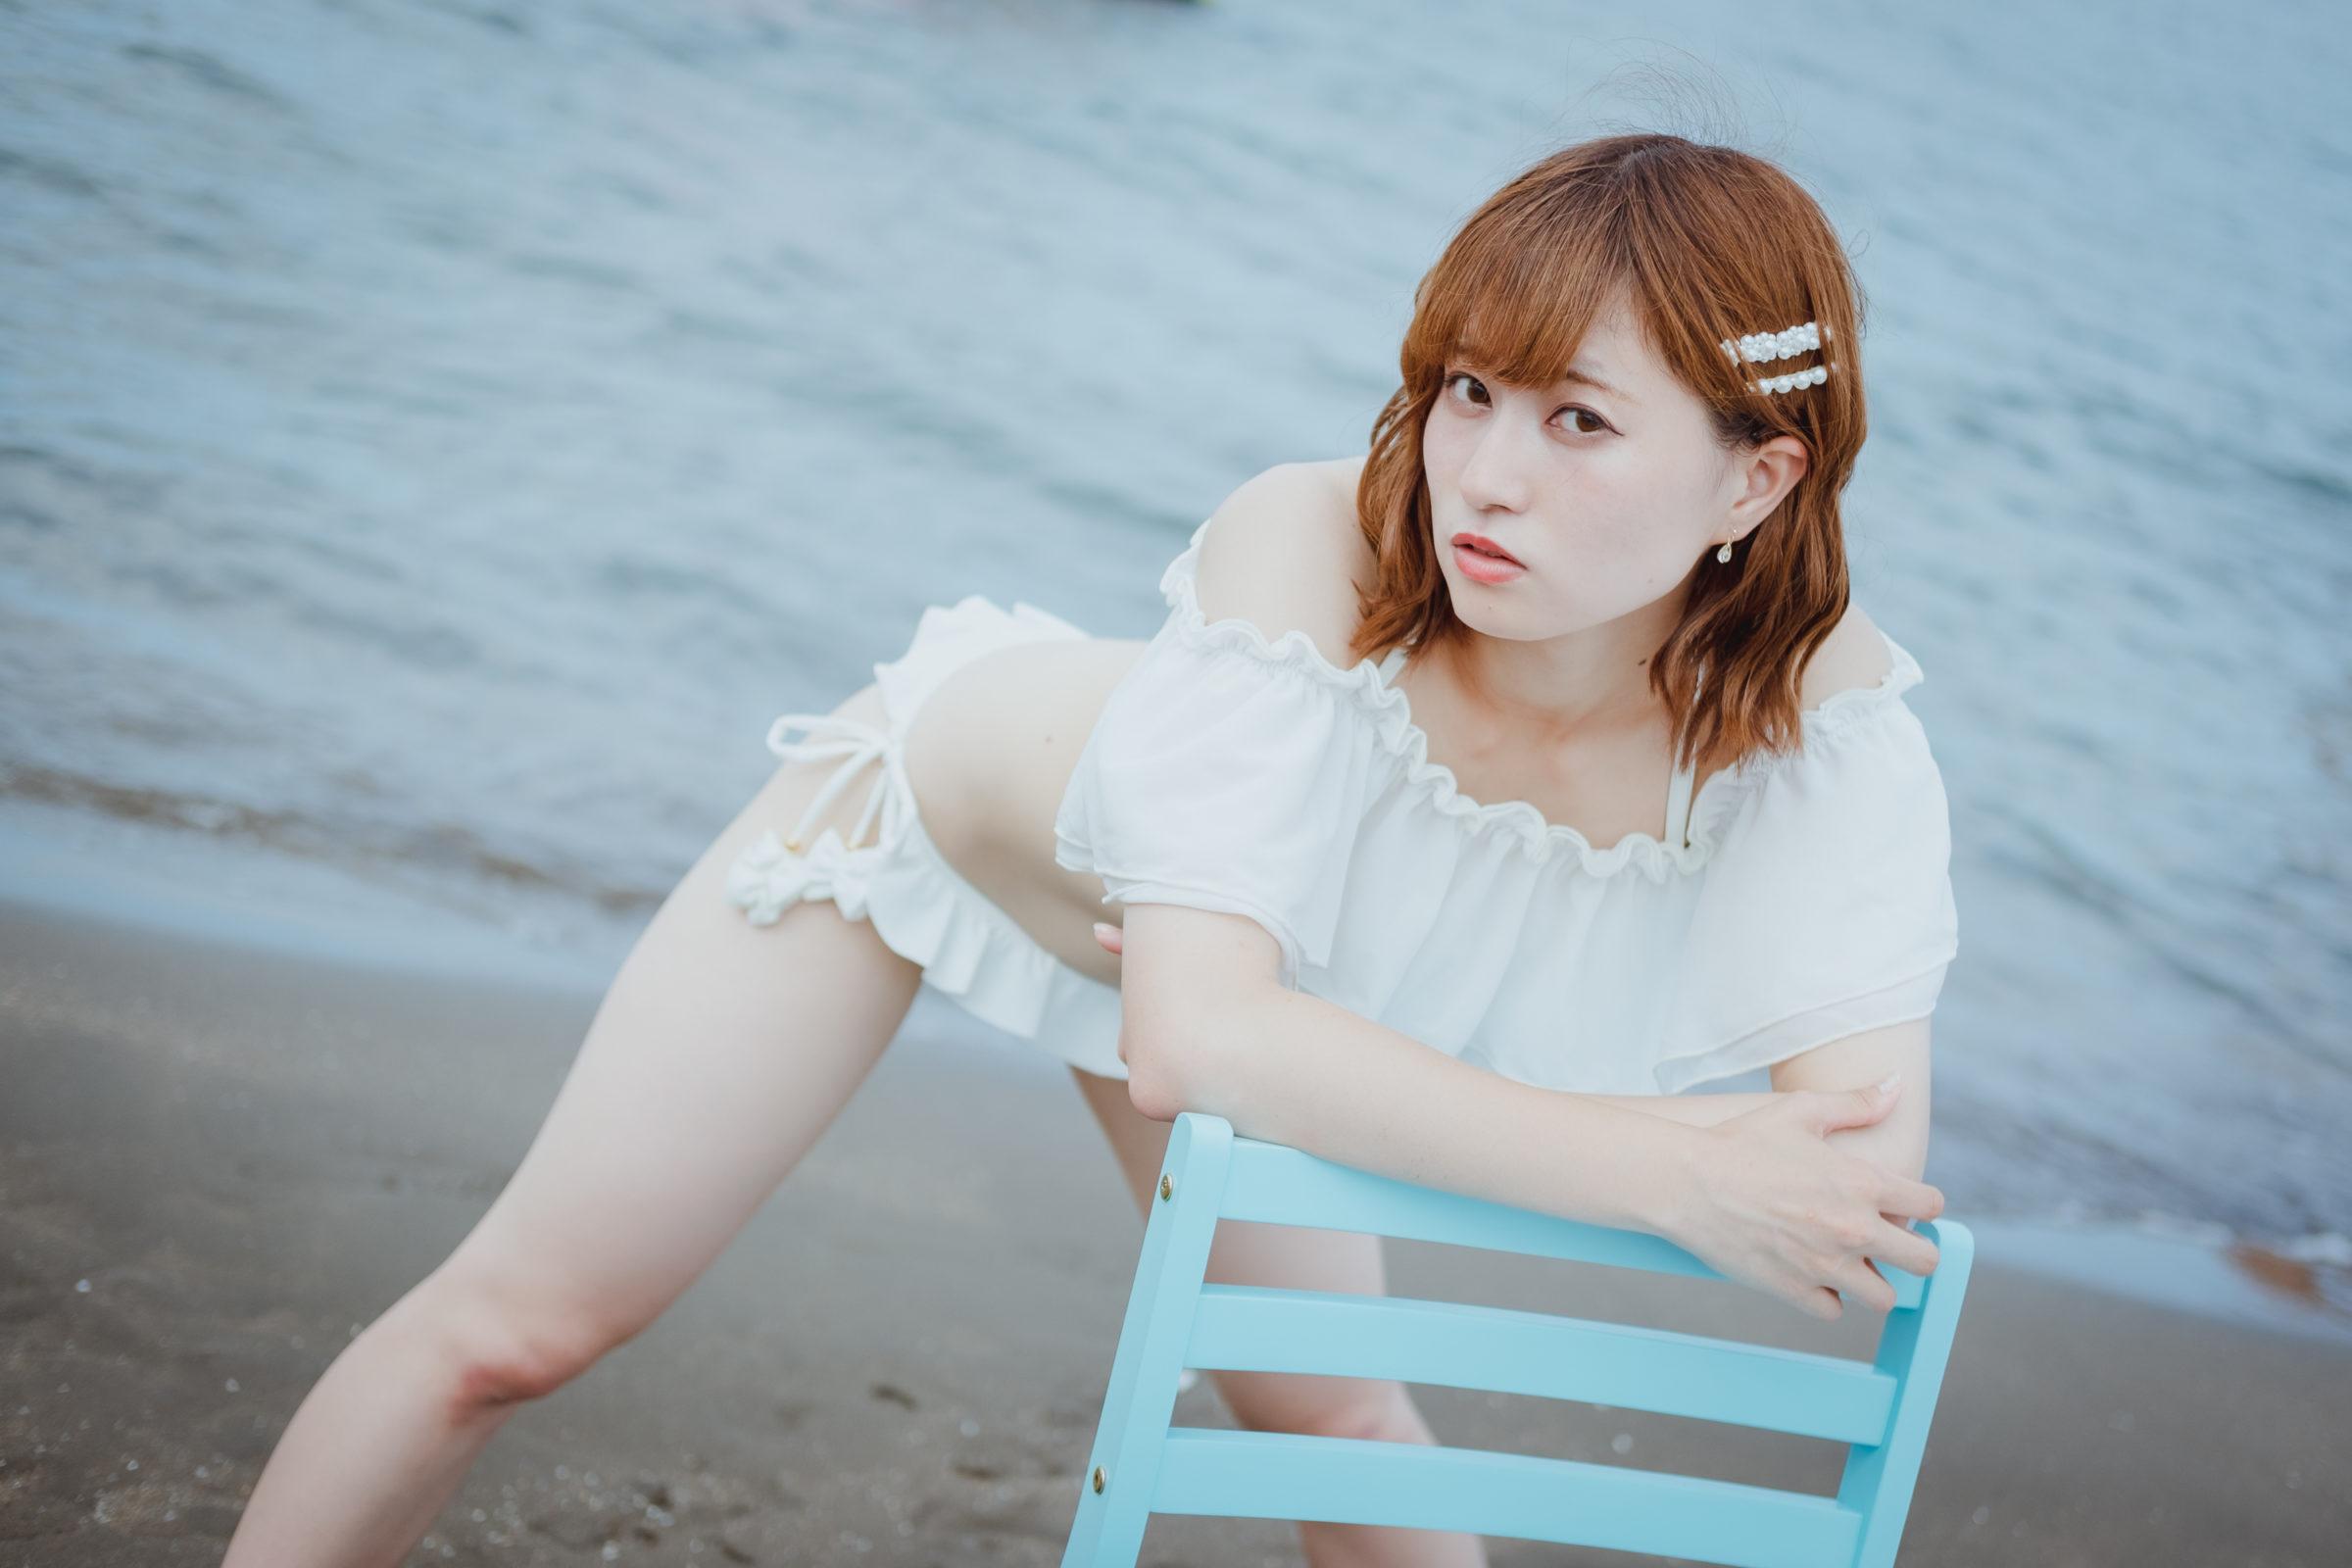 3代目HAPPY少女♪ あゆみ ( 新谷亜由美 ) | ライブプロ海イベント2020水着撮影会